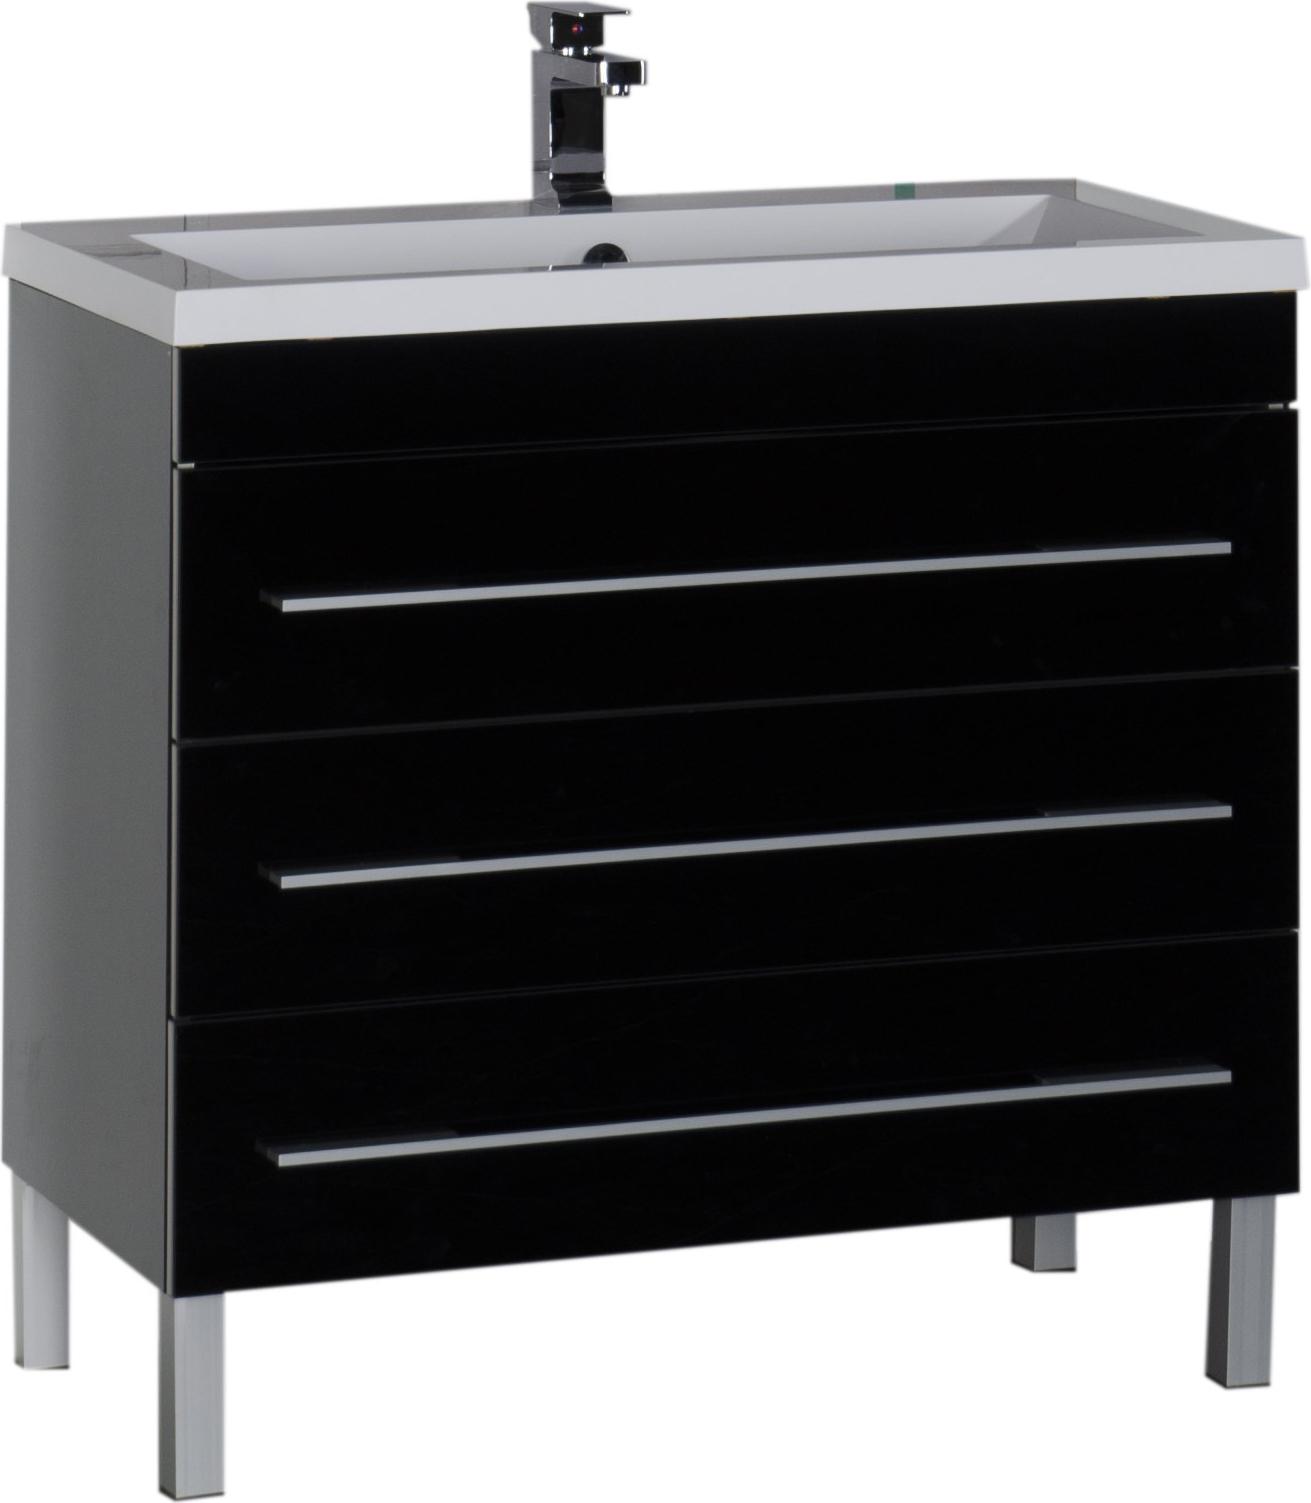 Тумба для комплекта Aquanet Верона 100 черная